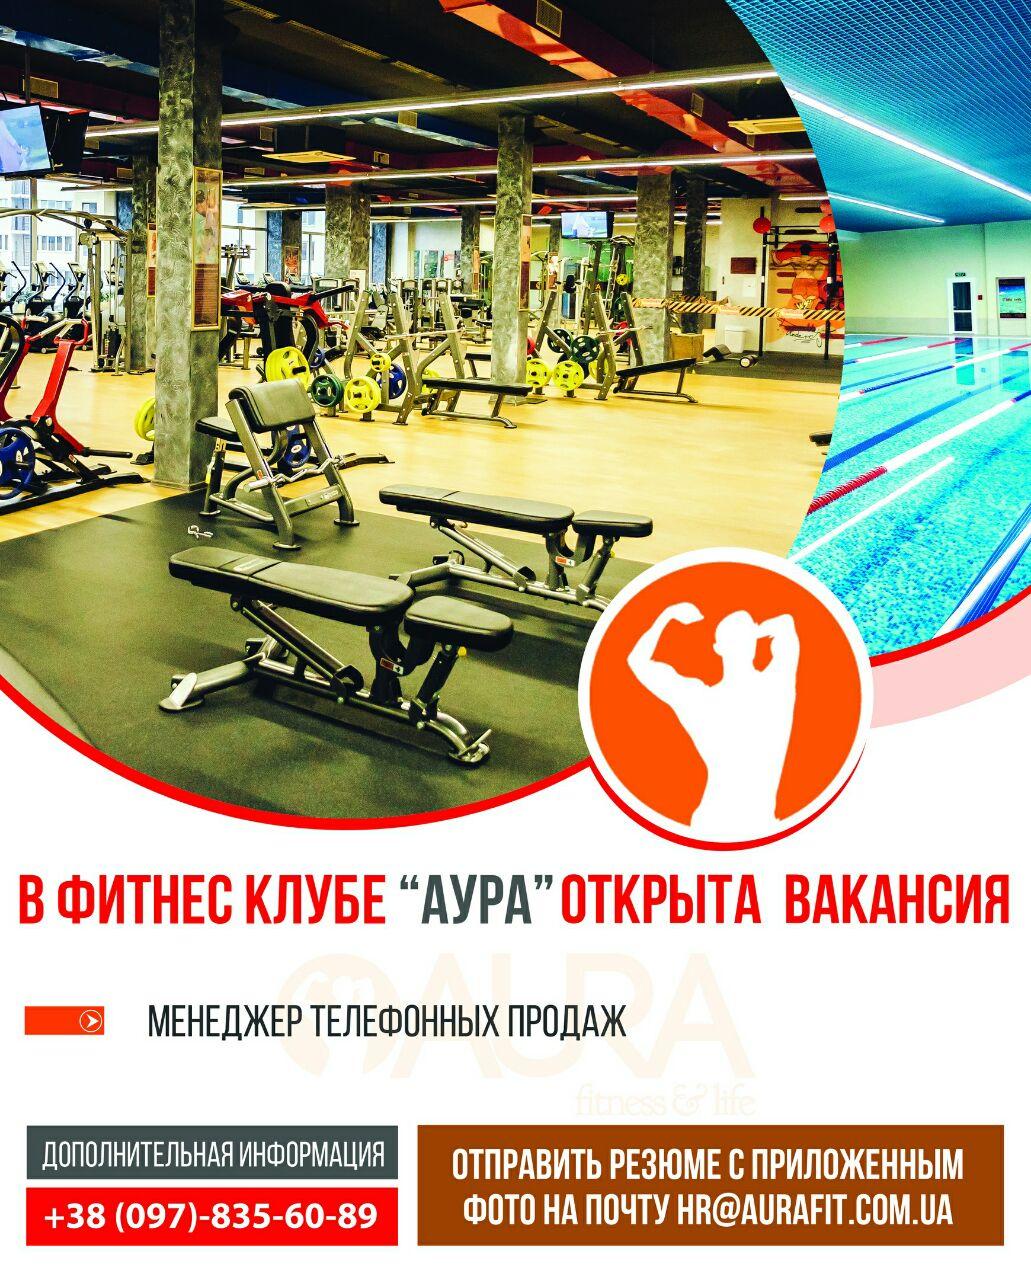 В сети фитнес-клубов «Аура» открыта вакансия Менеджера телефонных продаж.